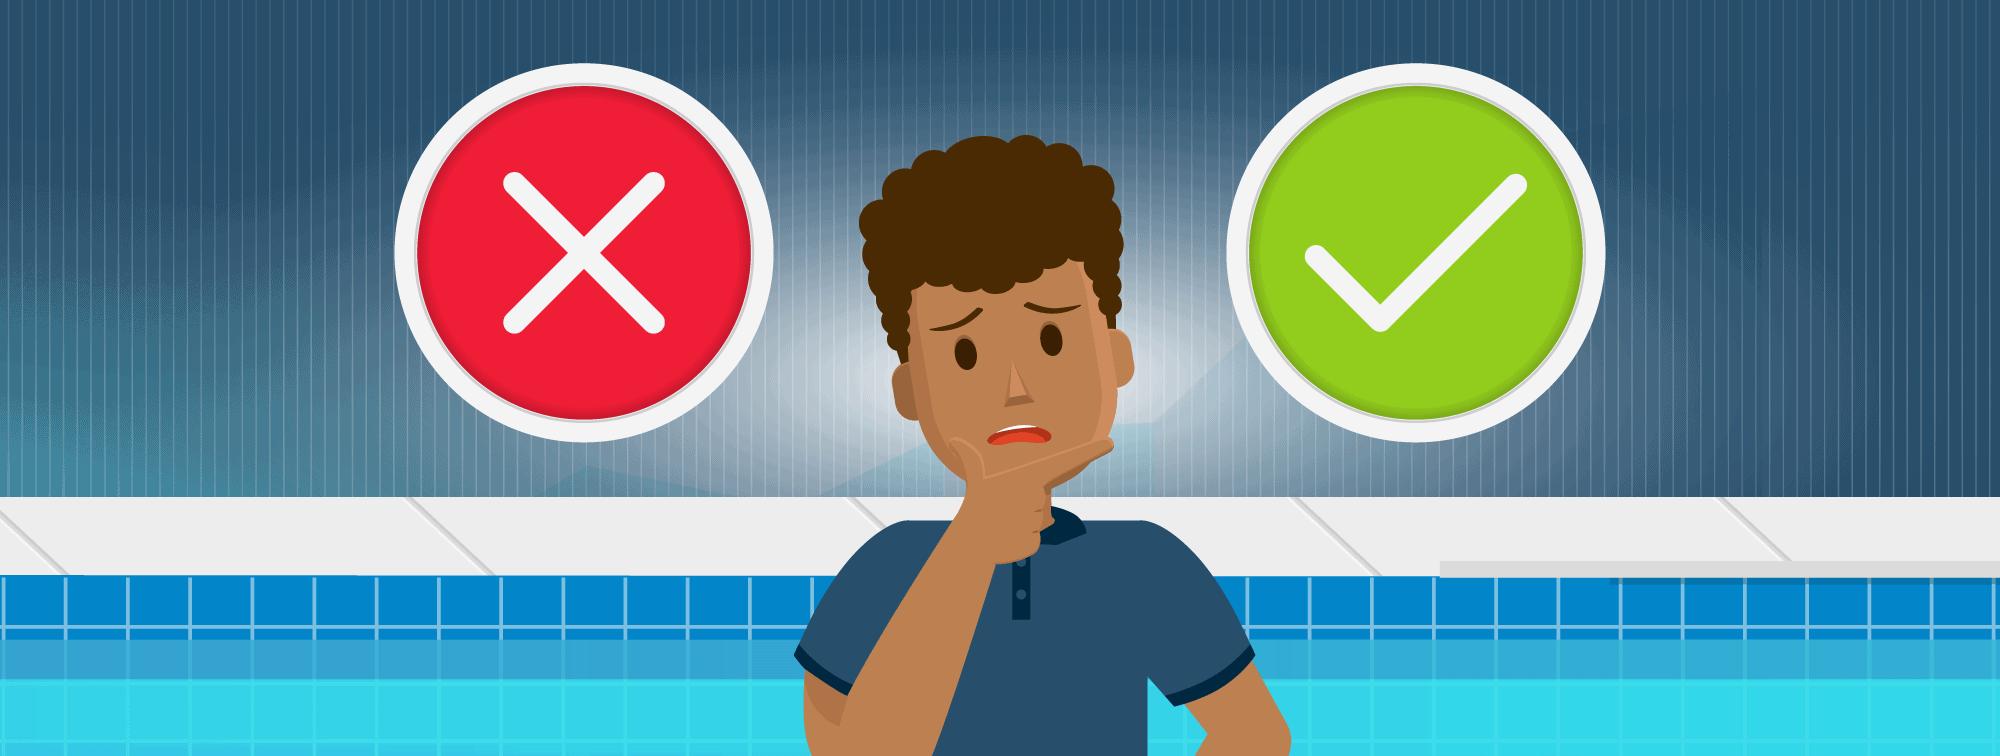 acido cianurico e a superestabilizacao do cloro em piscinas mito ou verdade